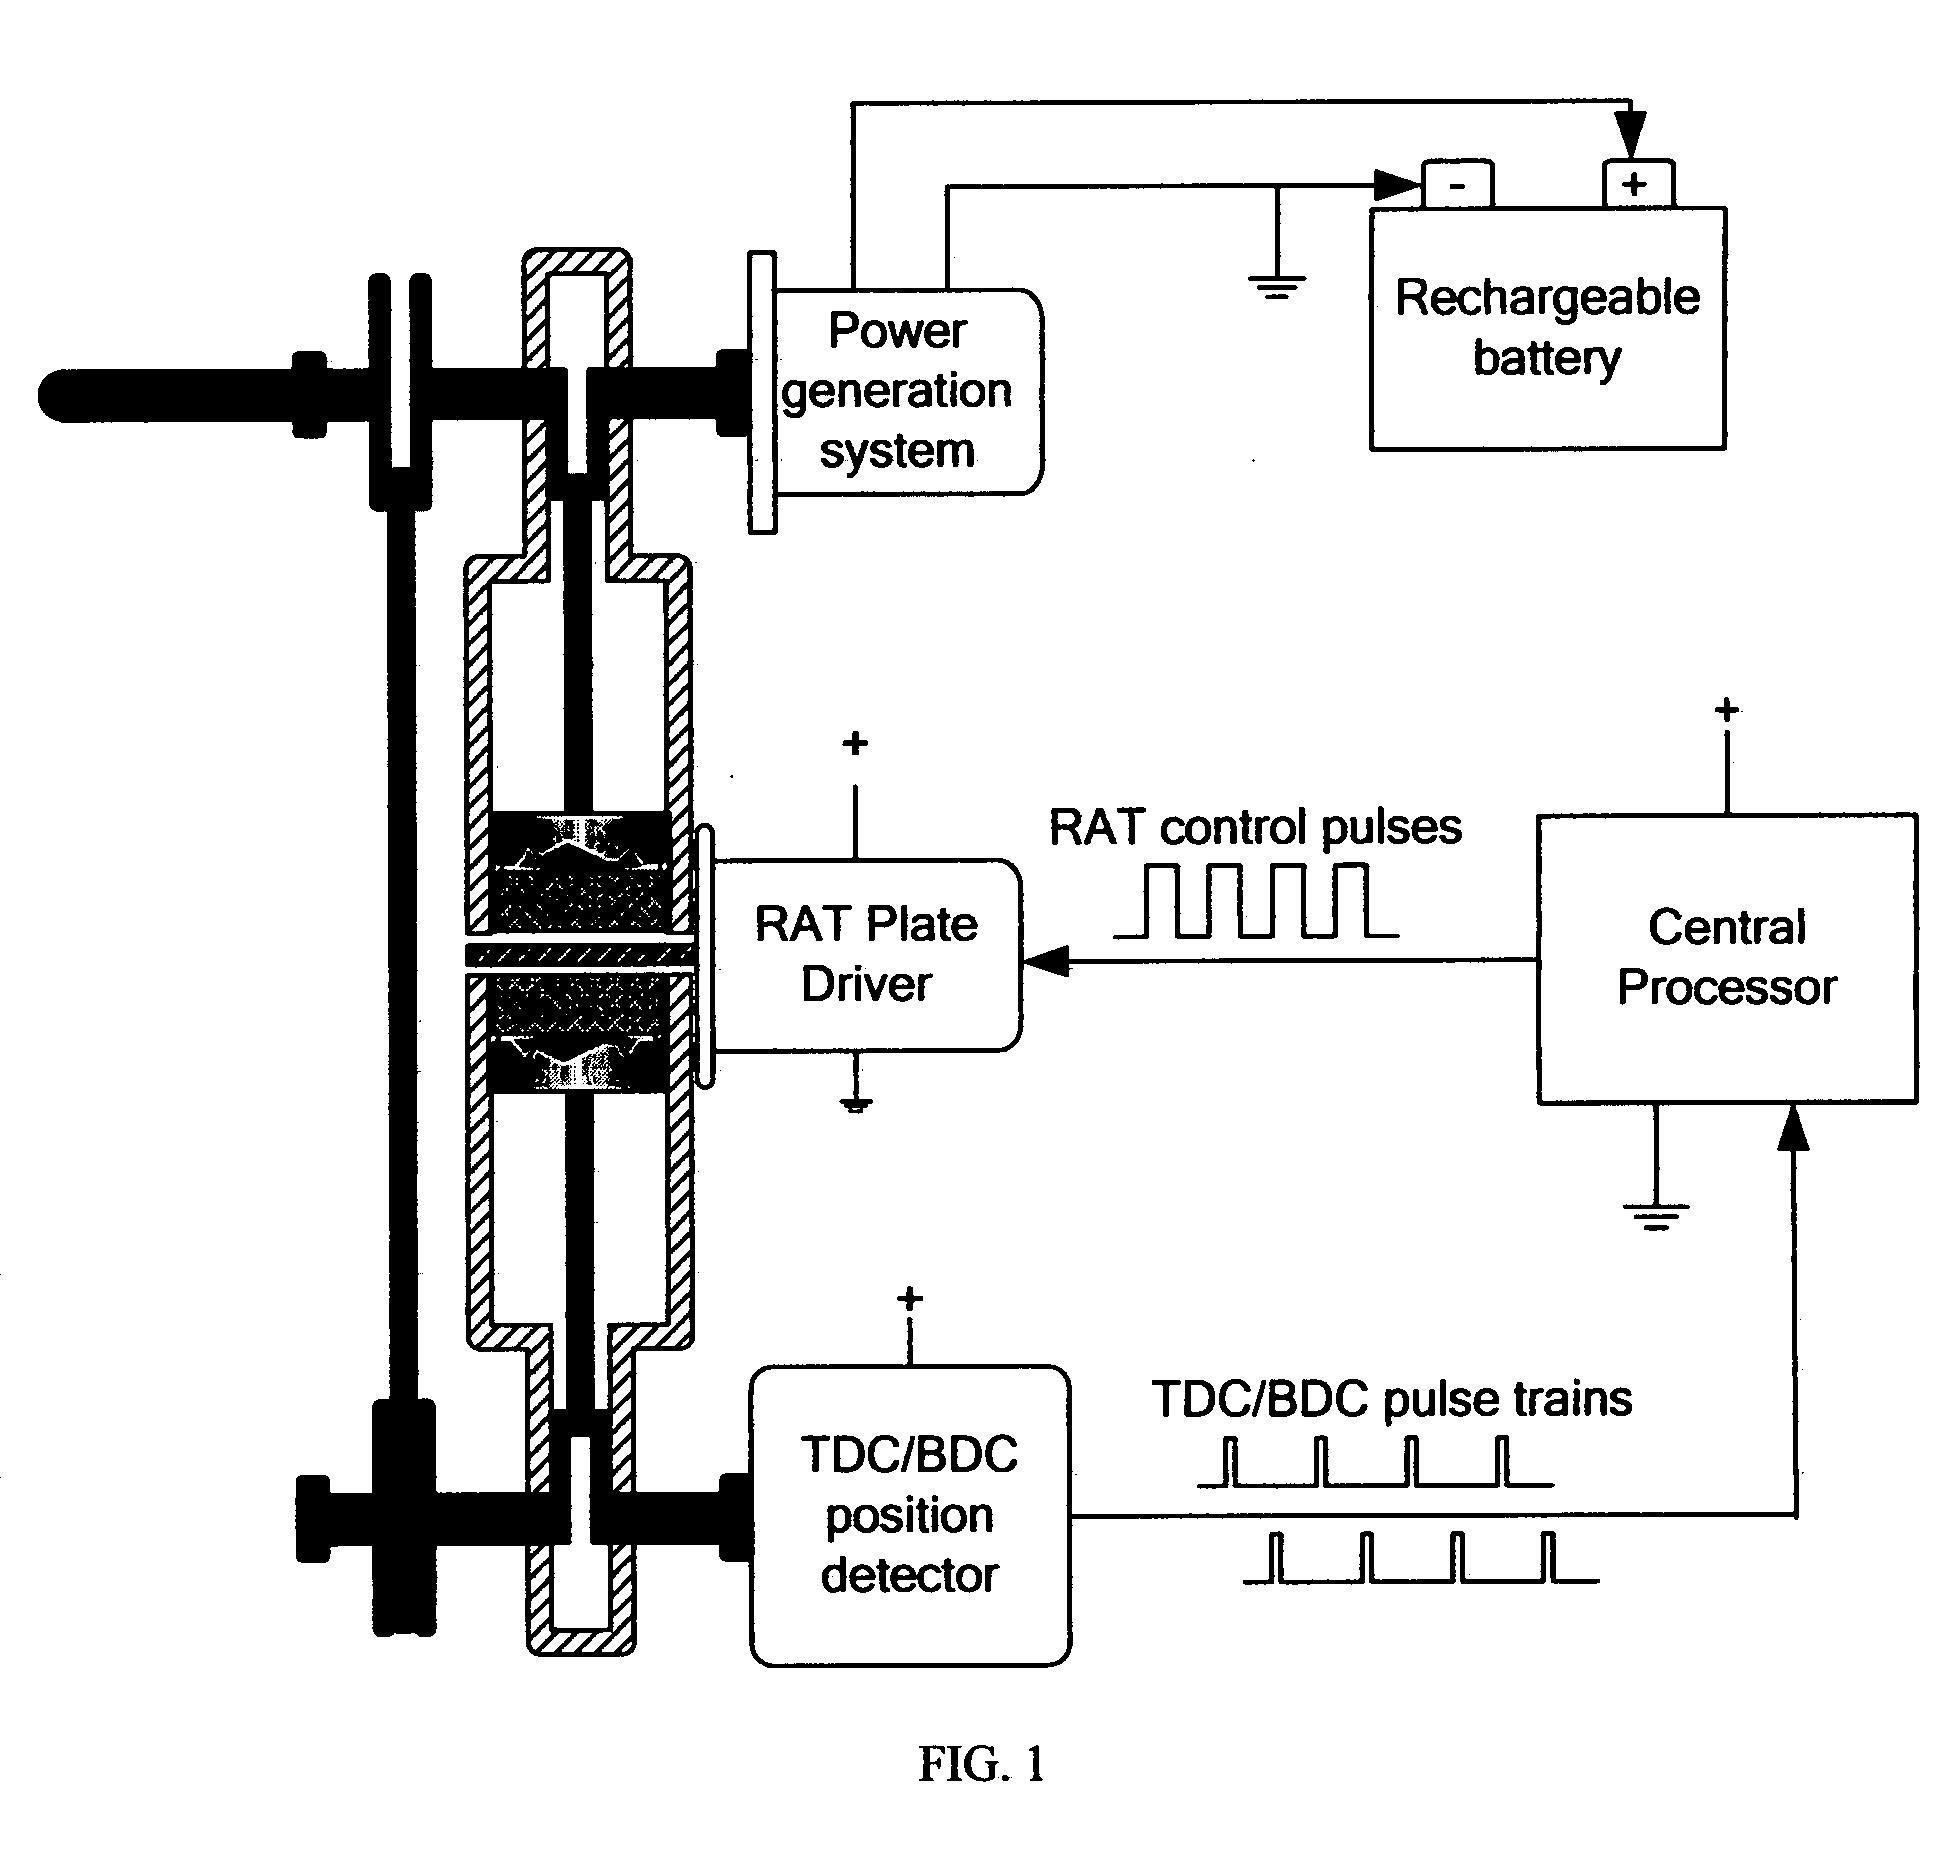 magnetic engine diagram